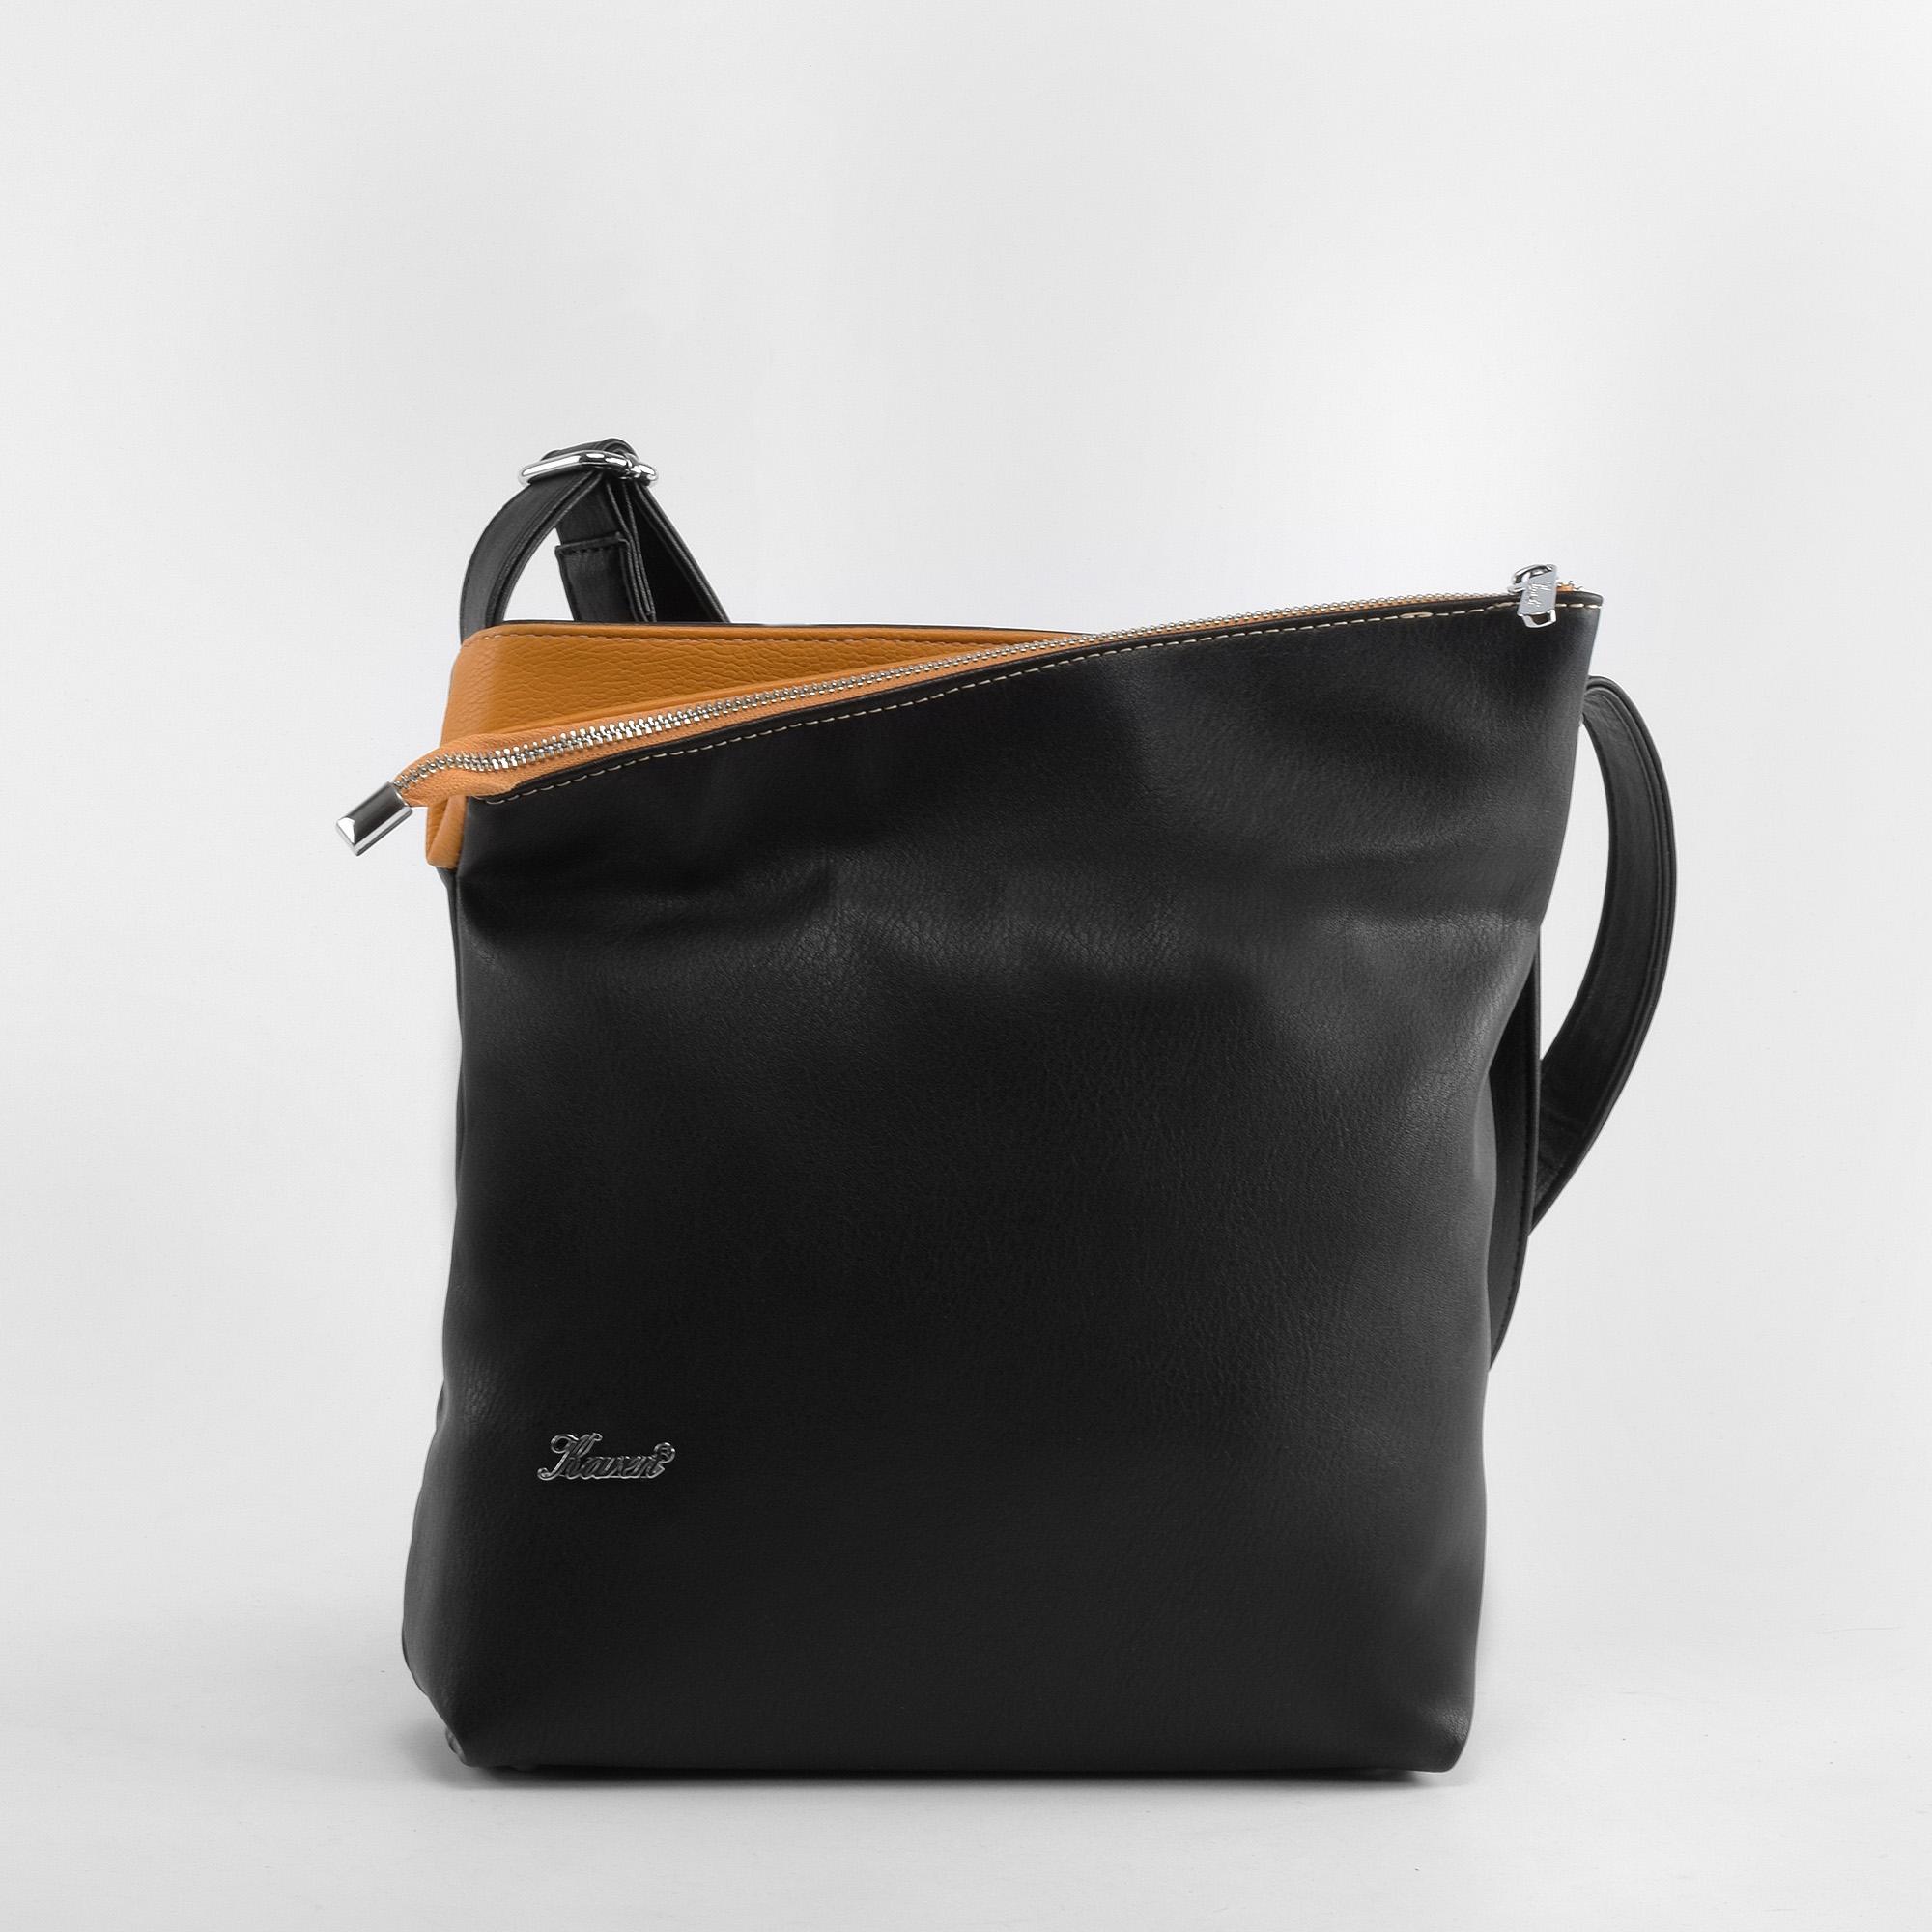 f101f0bc20 Karen Fekete-Sárga Rostbőr Válltáska - Válltáskák - Táska webáruház -  Minőségi táskák mindenkinek